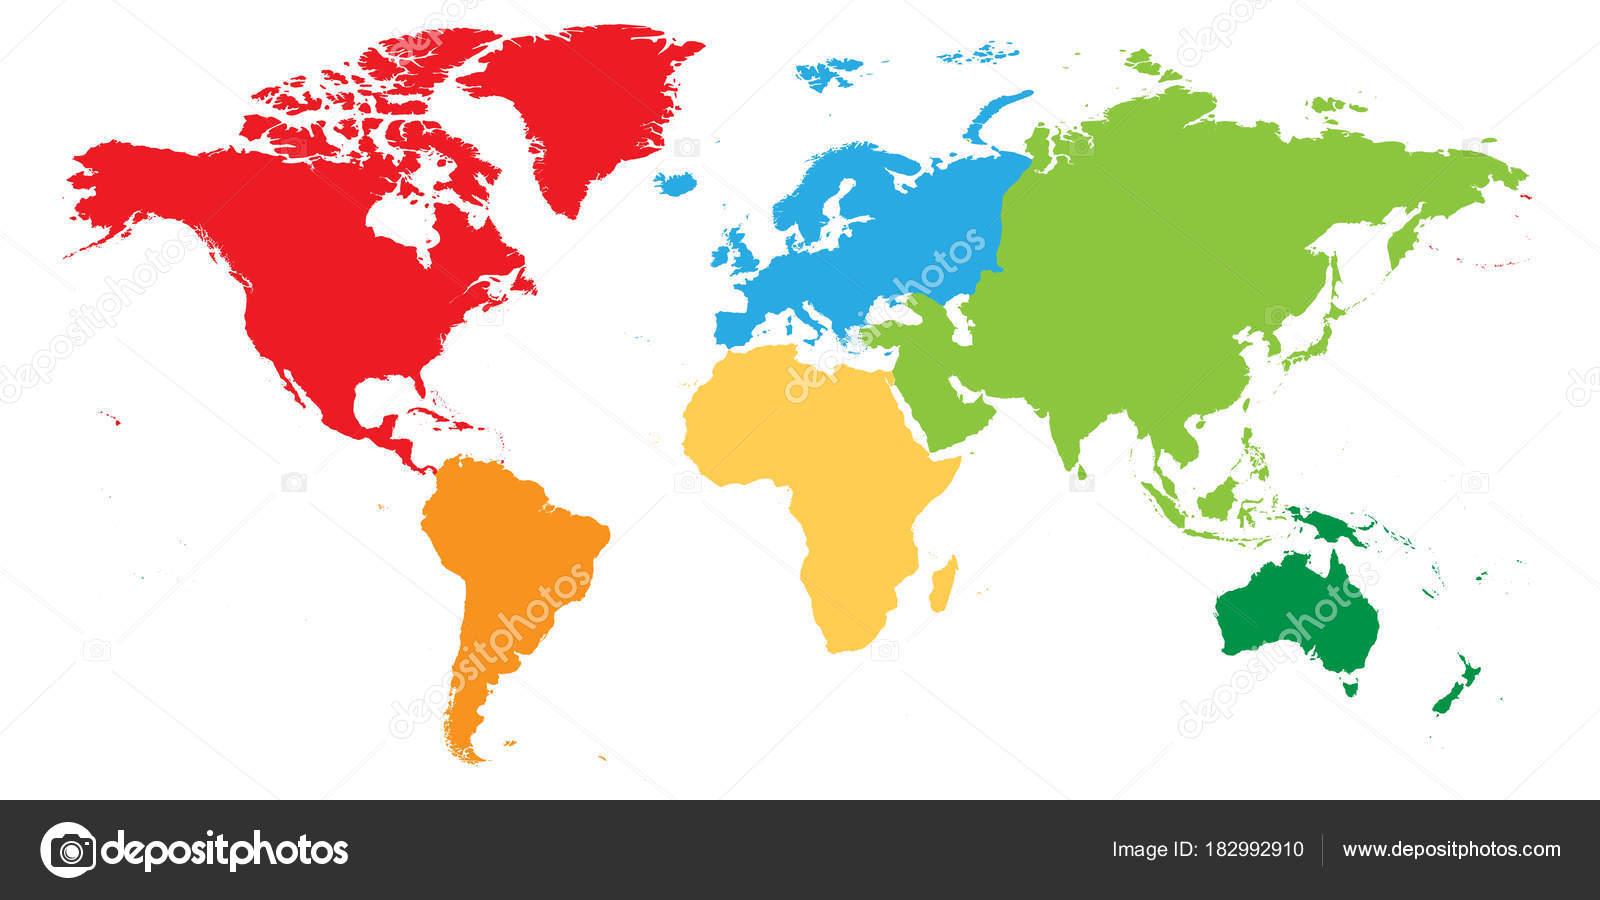 Mapa del mundo dividido en seis continentes cada continente en mapa del mundo dividido en seis continentes cada continente en color diferente ilustracin de vector plano simple vector de pyty gumiabroncs Image collections